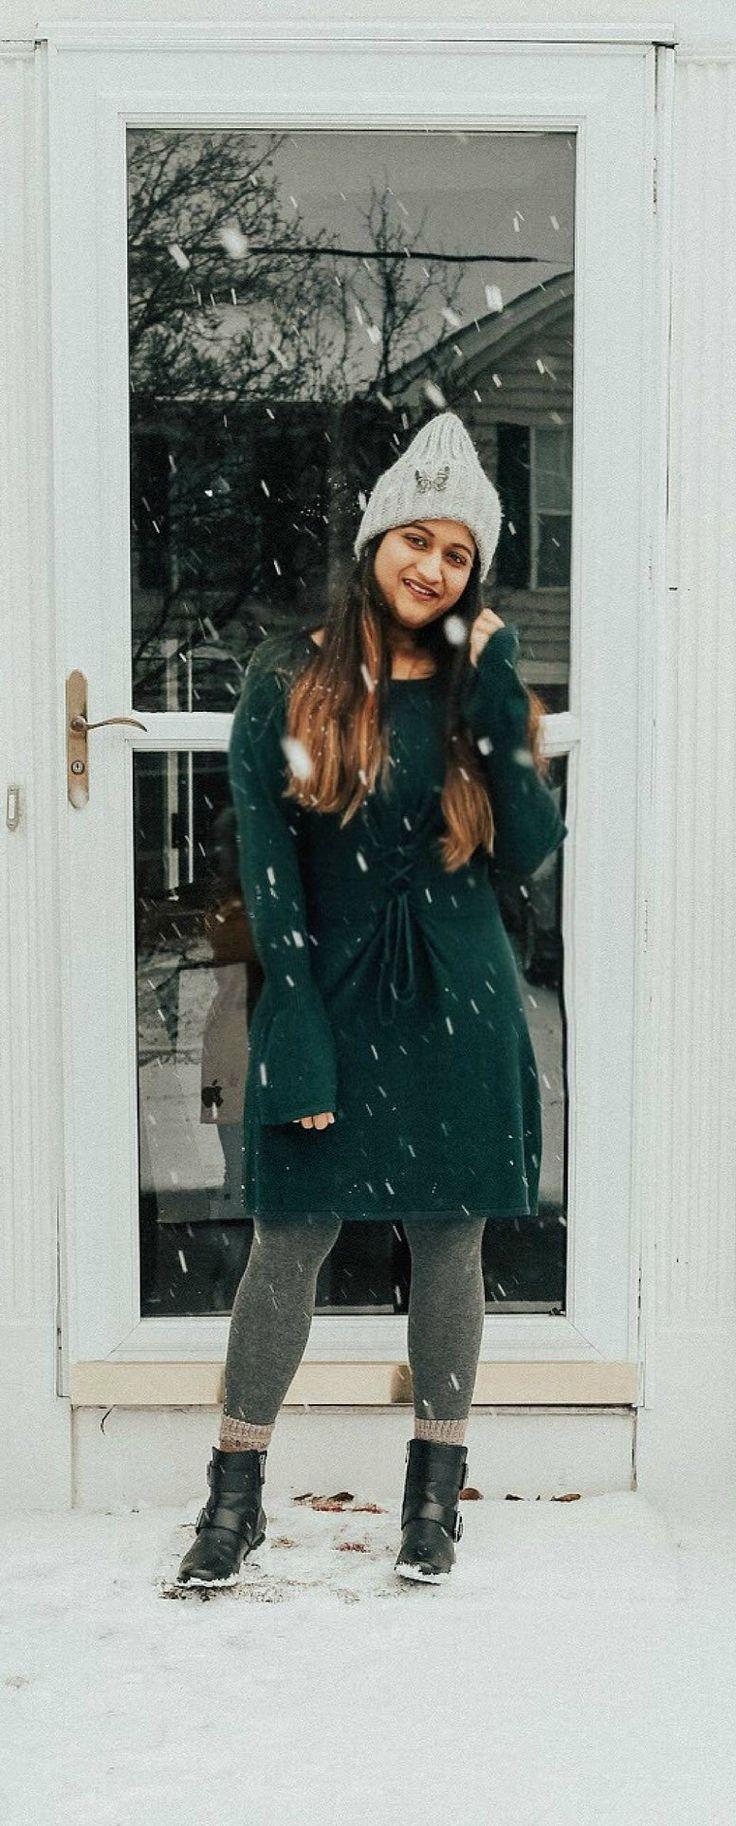 Corset Waist Sweater Dress | dreamingloud.com - ----------------------------------------------- Wool camel trench corset, bell sleeves sweater dress, corset waist, winter trends 2017-2018, first snow ball, embellished beanie, Aetrex moto boots